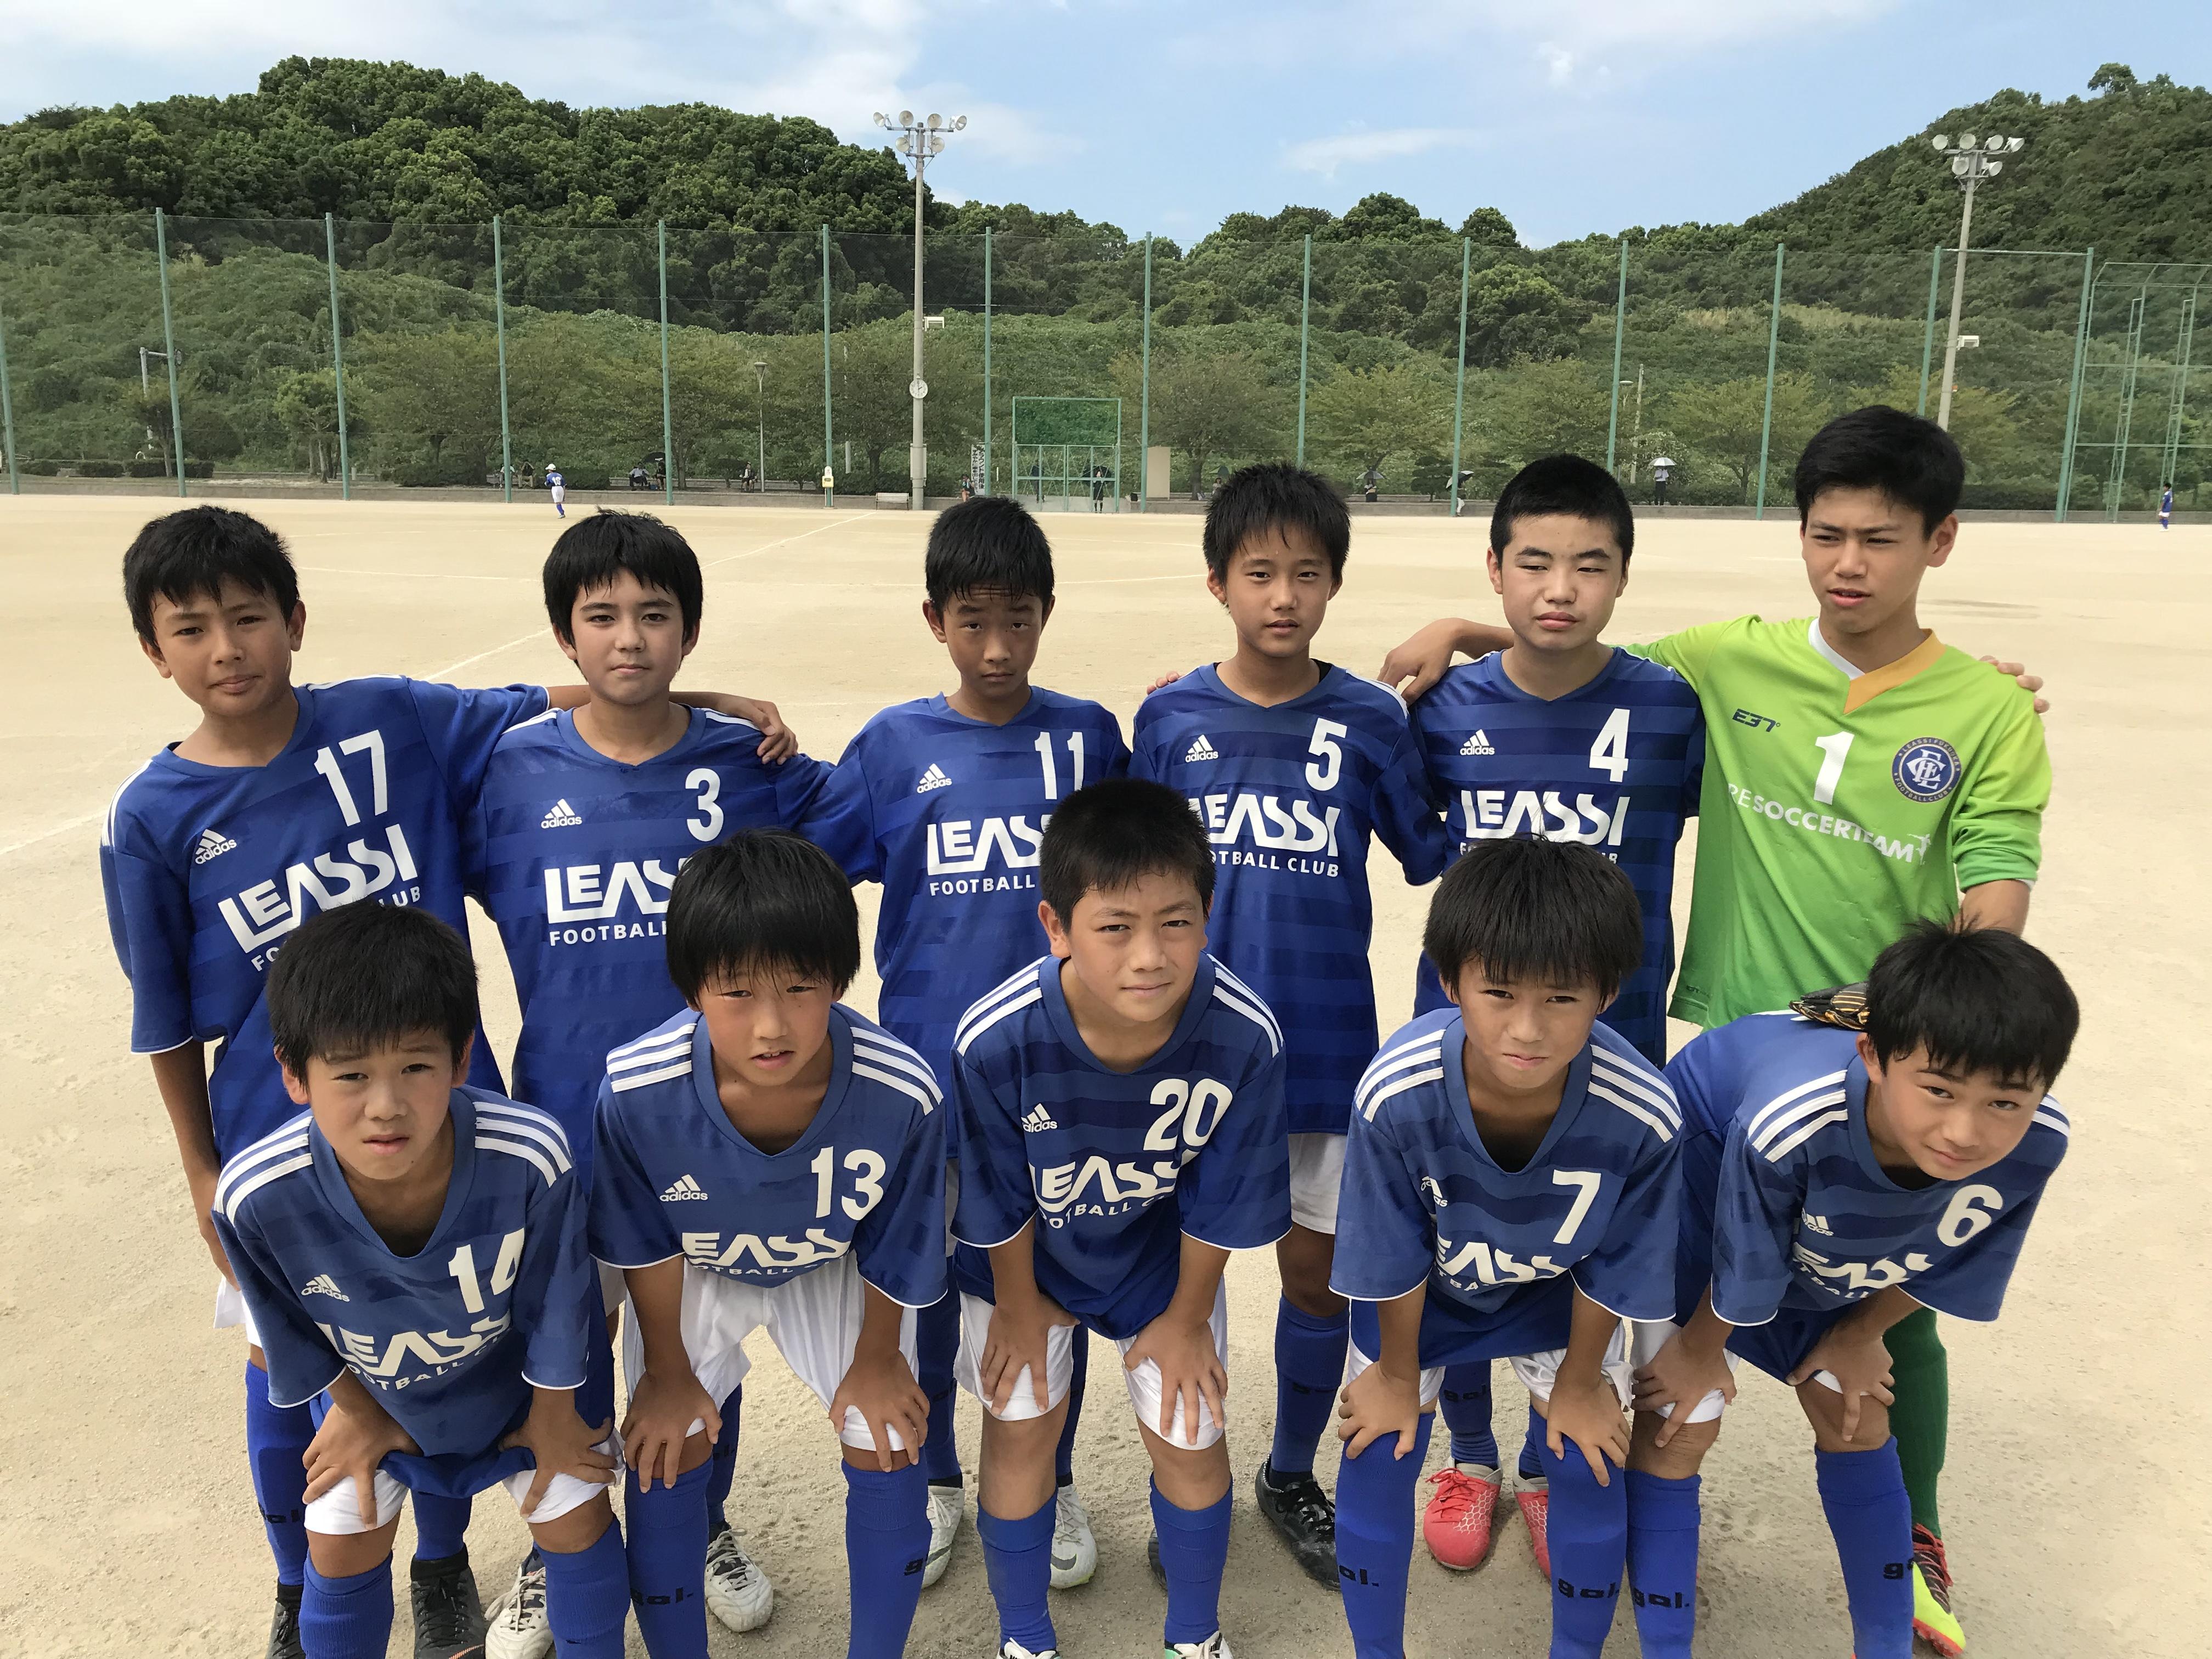 結果が出ていませんが成長を感じる戦いでした U13県リーグ上位パート Azulチーム第4節